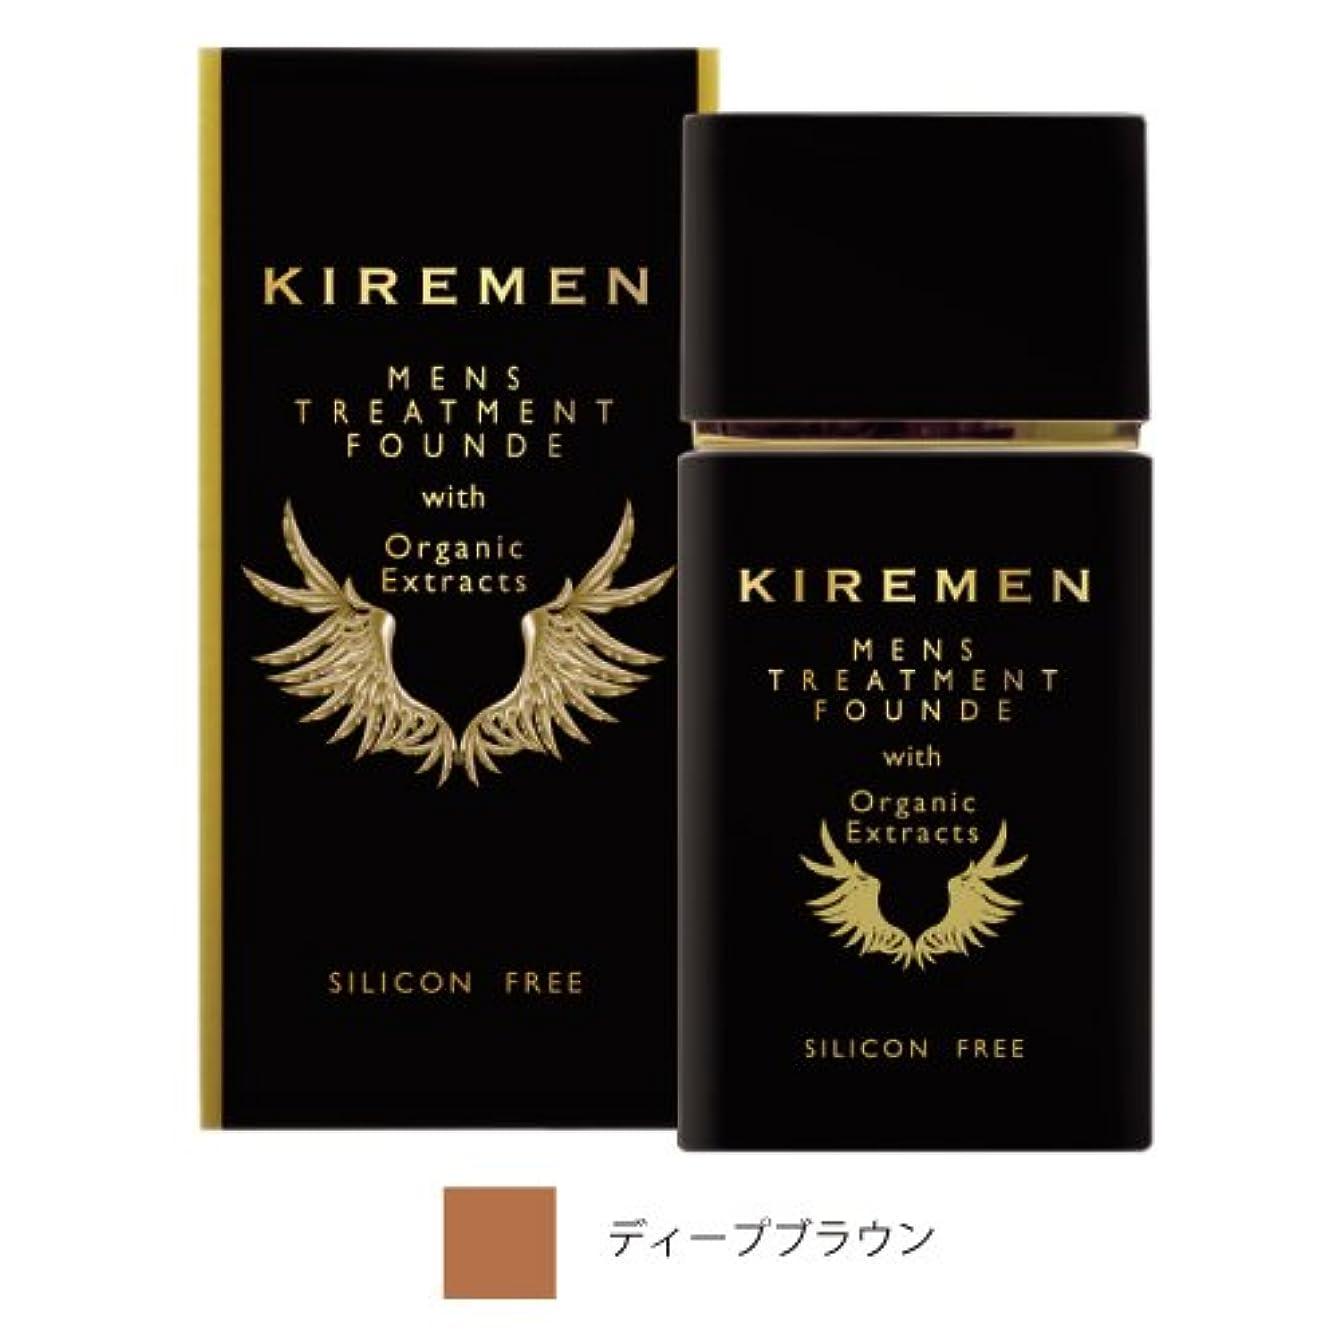 移動化学米ドルキレメン KIREMEN メンズファンデーション (ディープブラウン)